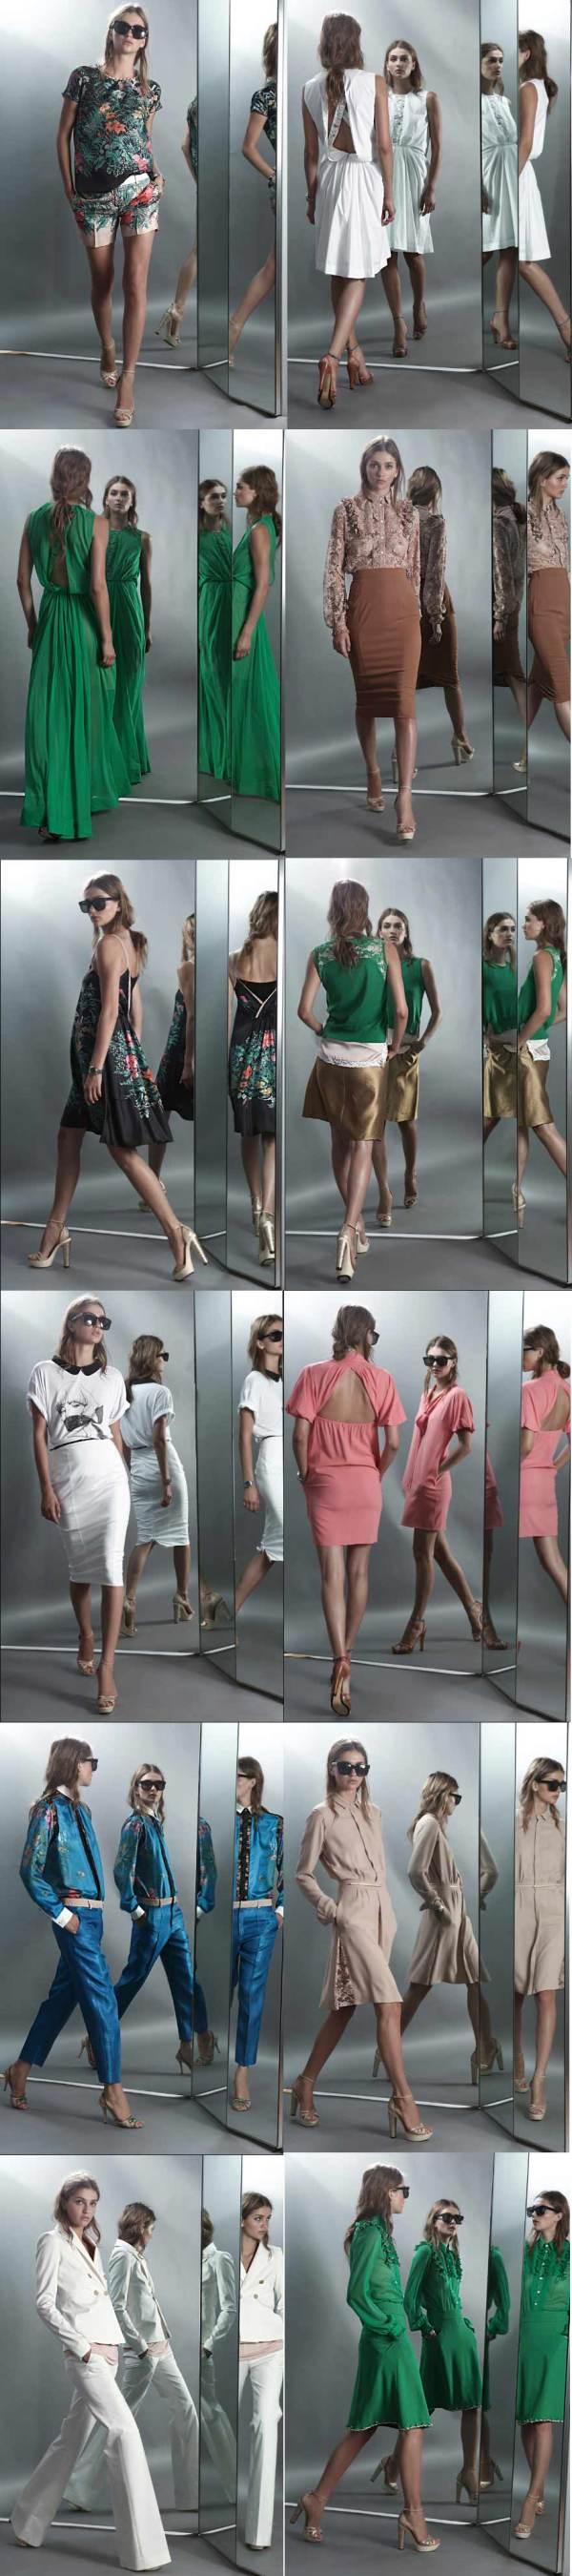 No21 Resort 2012 collection, designer  Alessandro Dell'Acqua